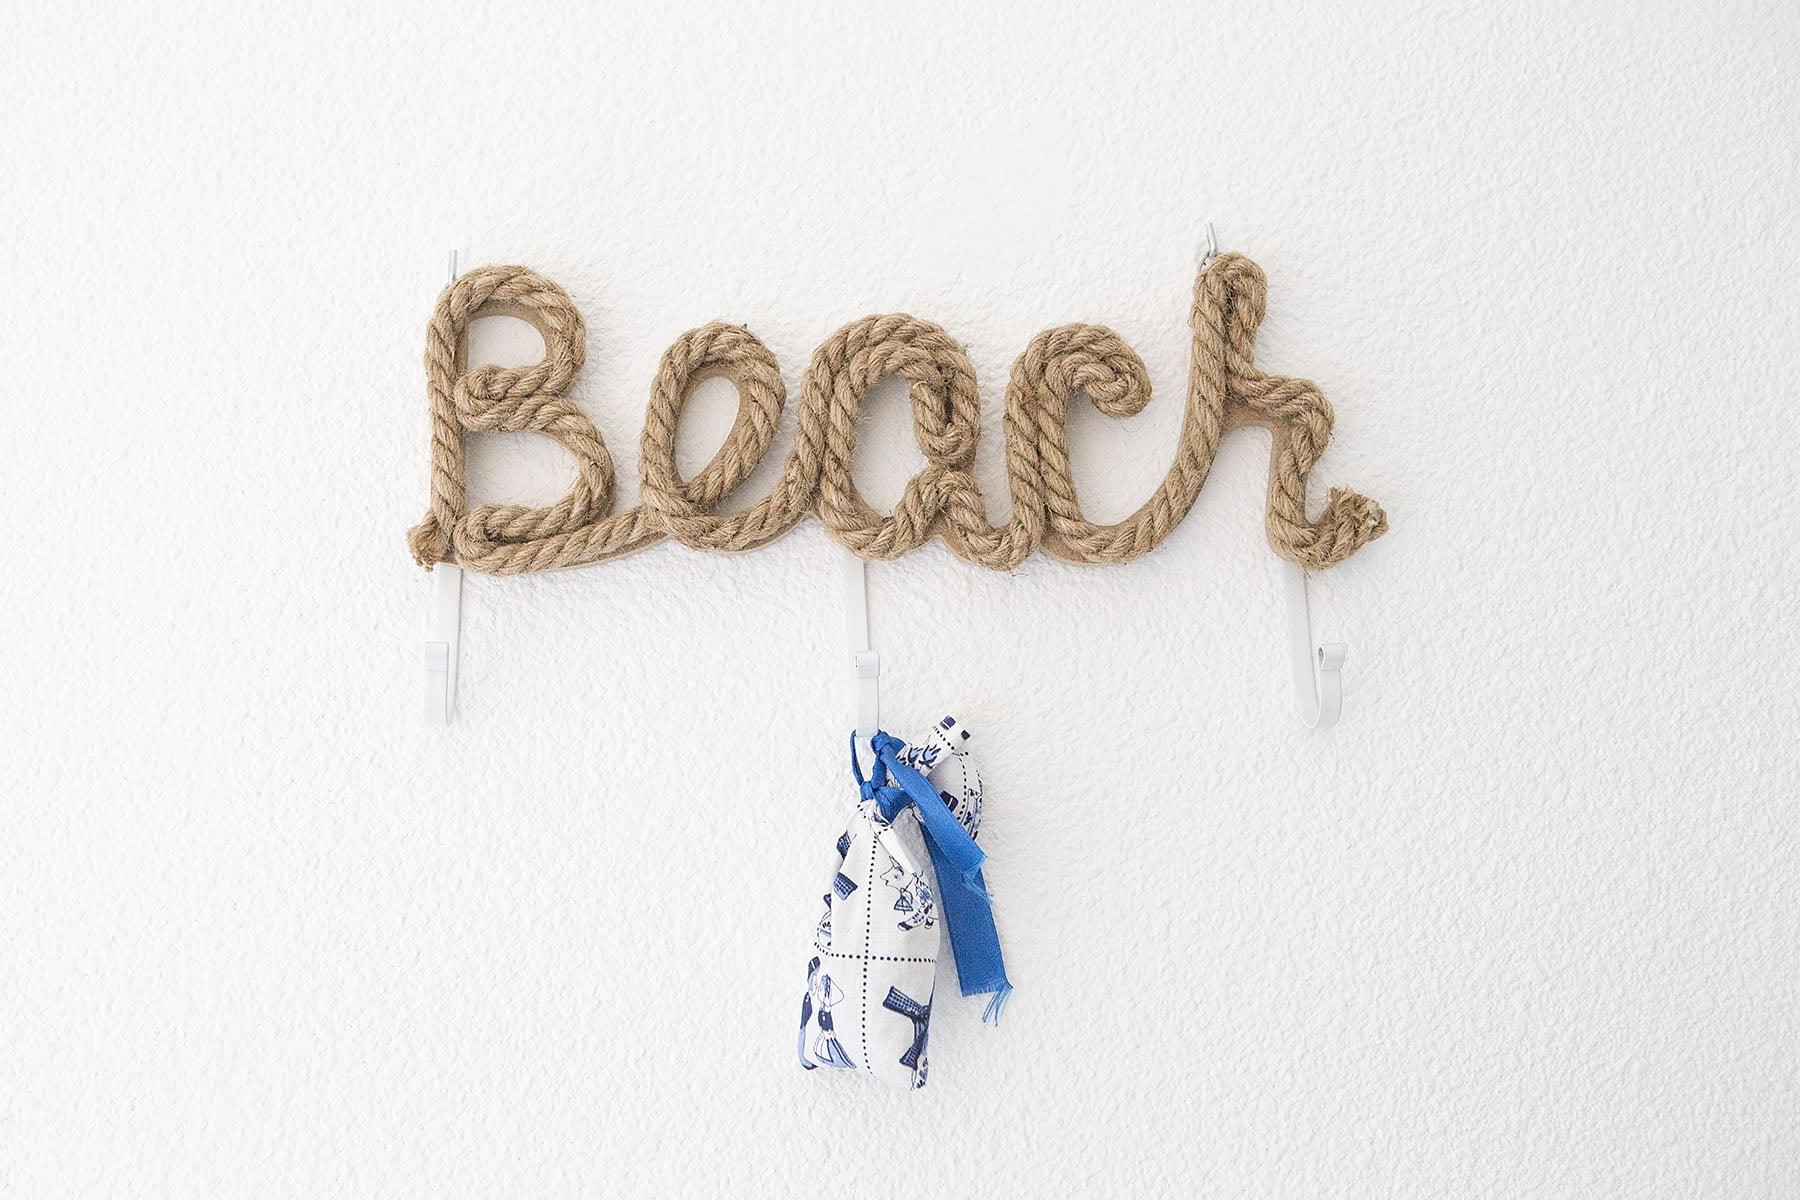 Ferienwohnung am Meer